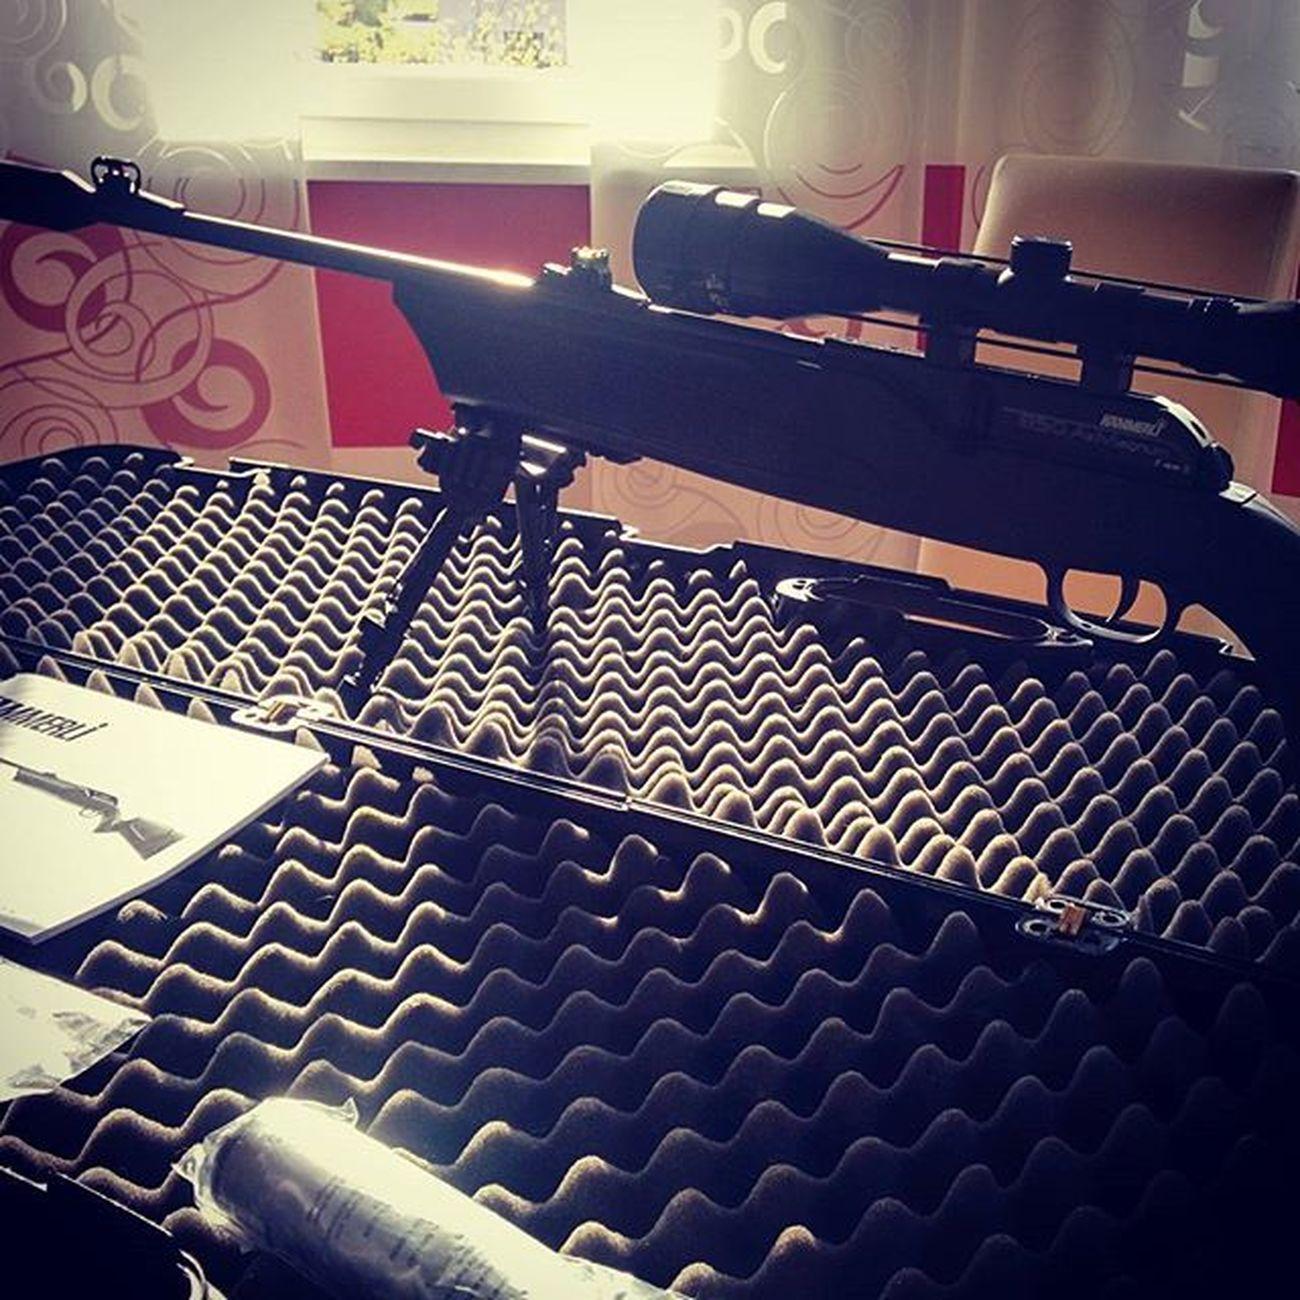 Zusammen packen und fertig machen für Training. Airrifle Rifle Sport Boltaction